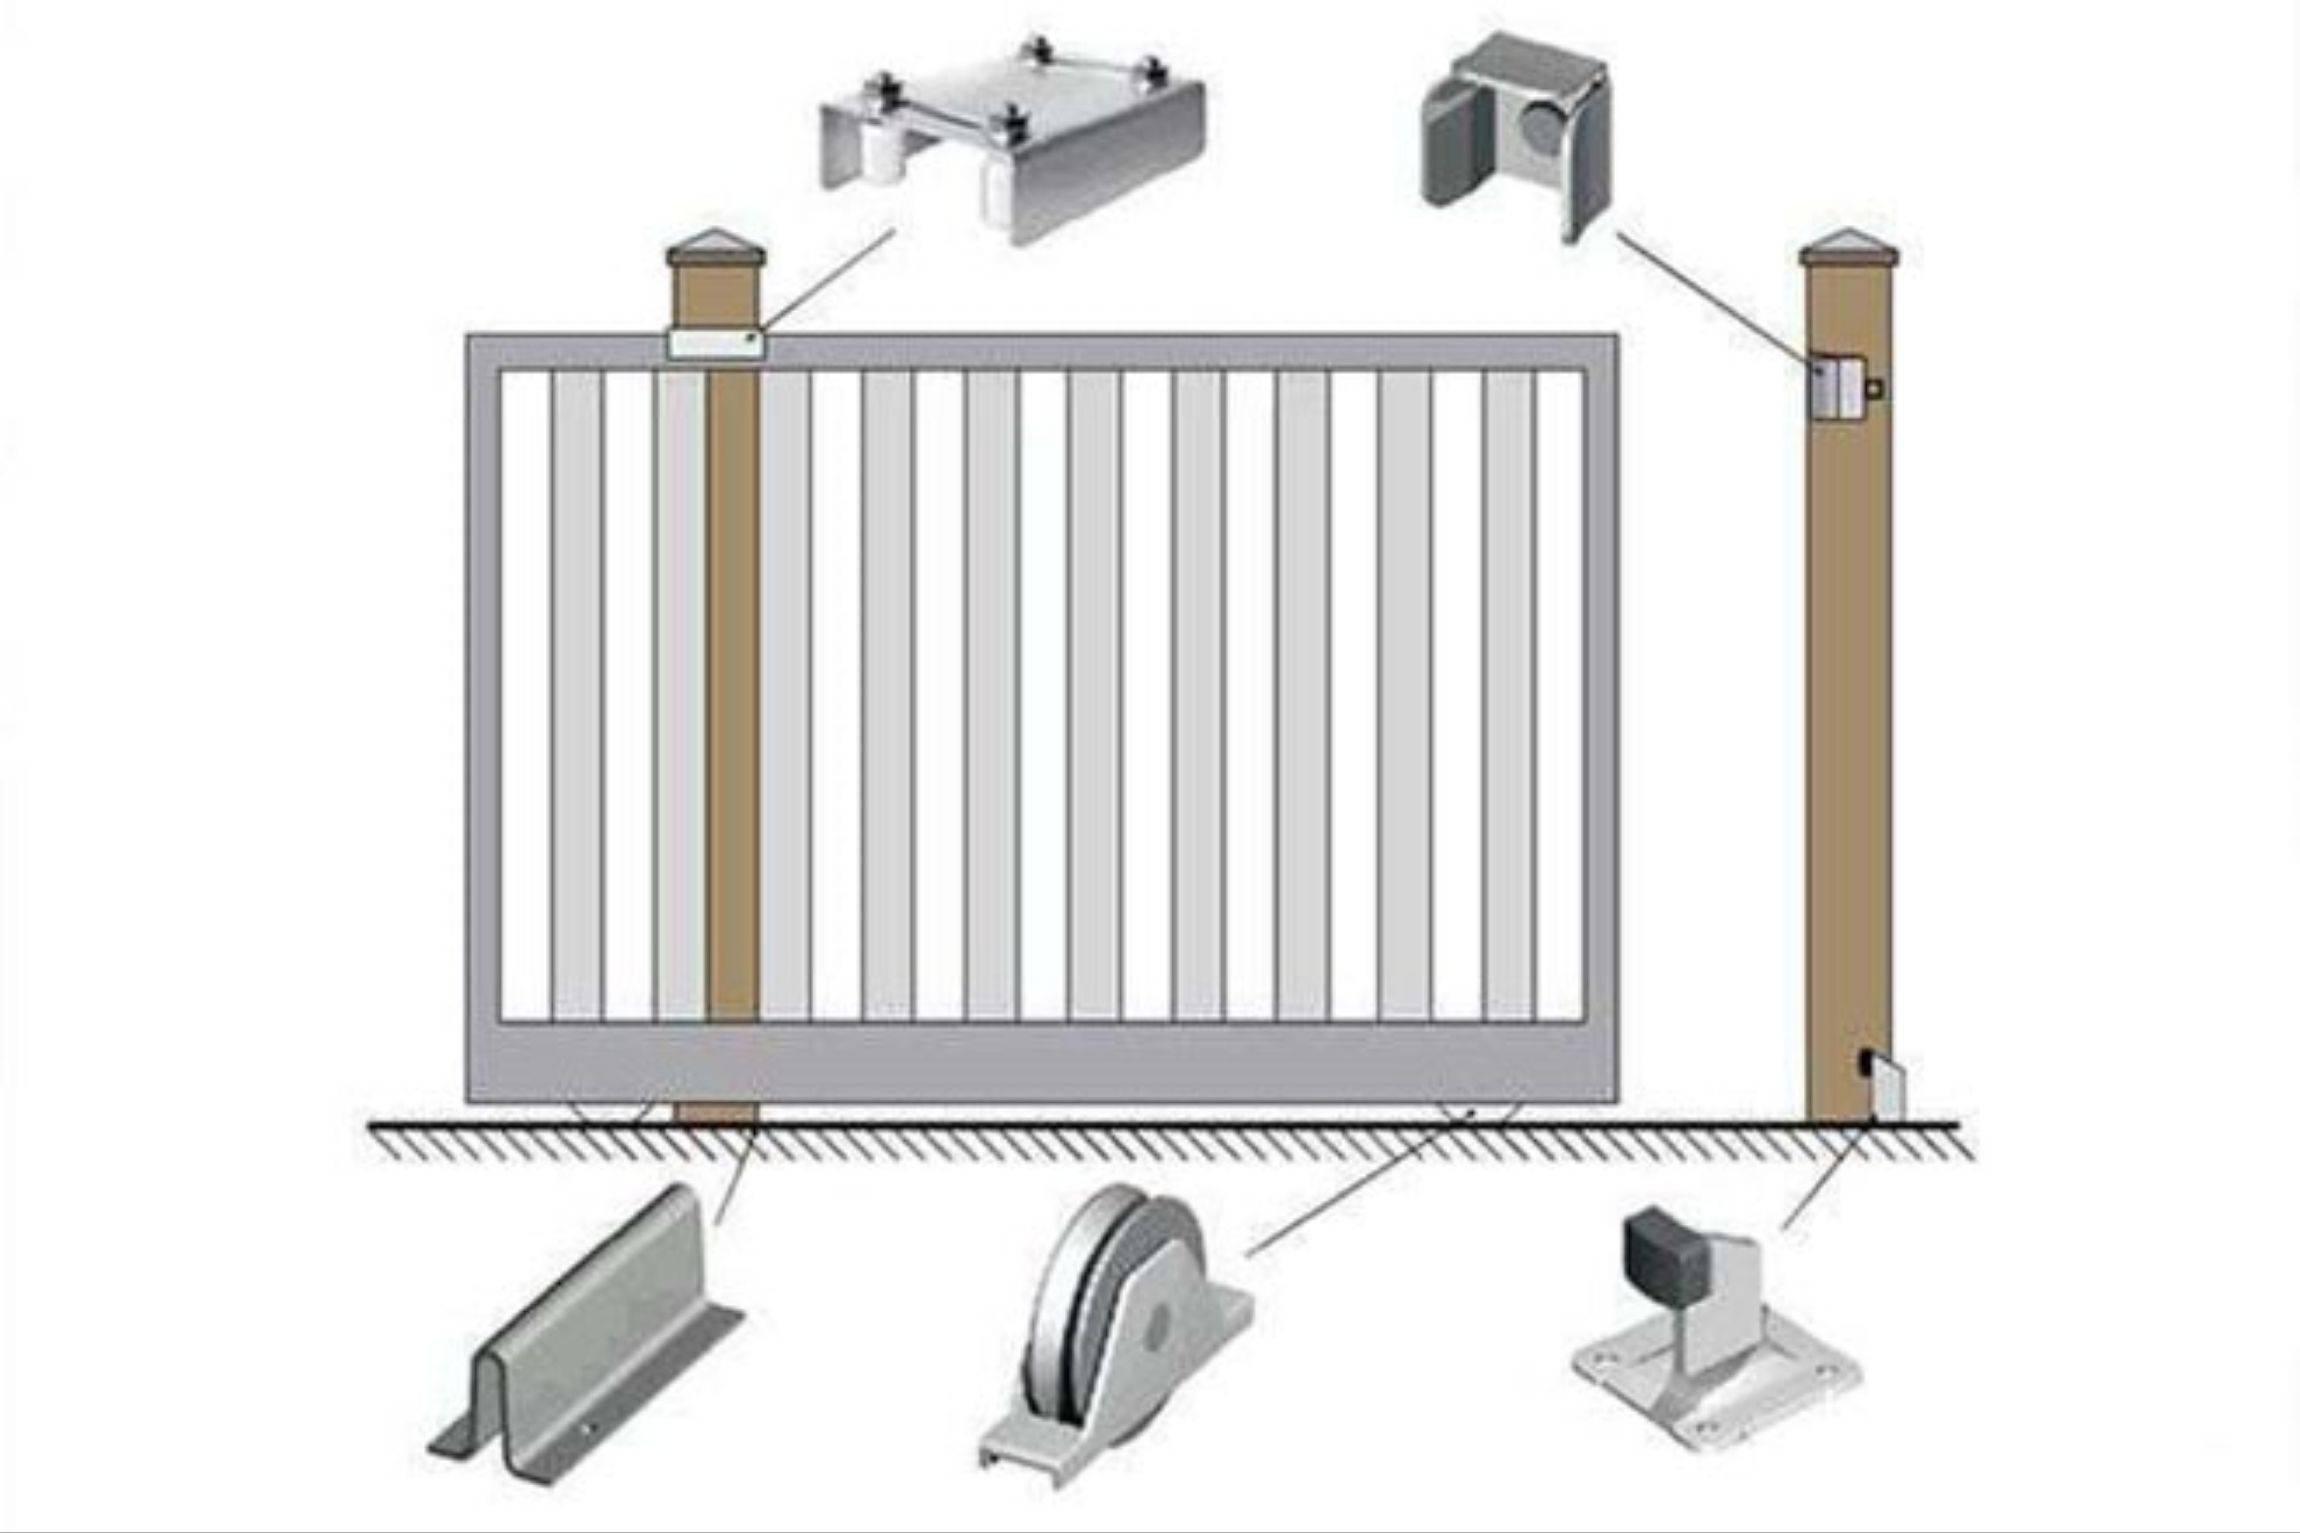 Откатные ворота своими руками (128 фото): установка раздвижных ограждений и монтаж сдвижных моделей, как сделать чертеж